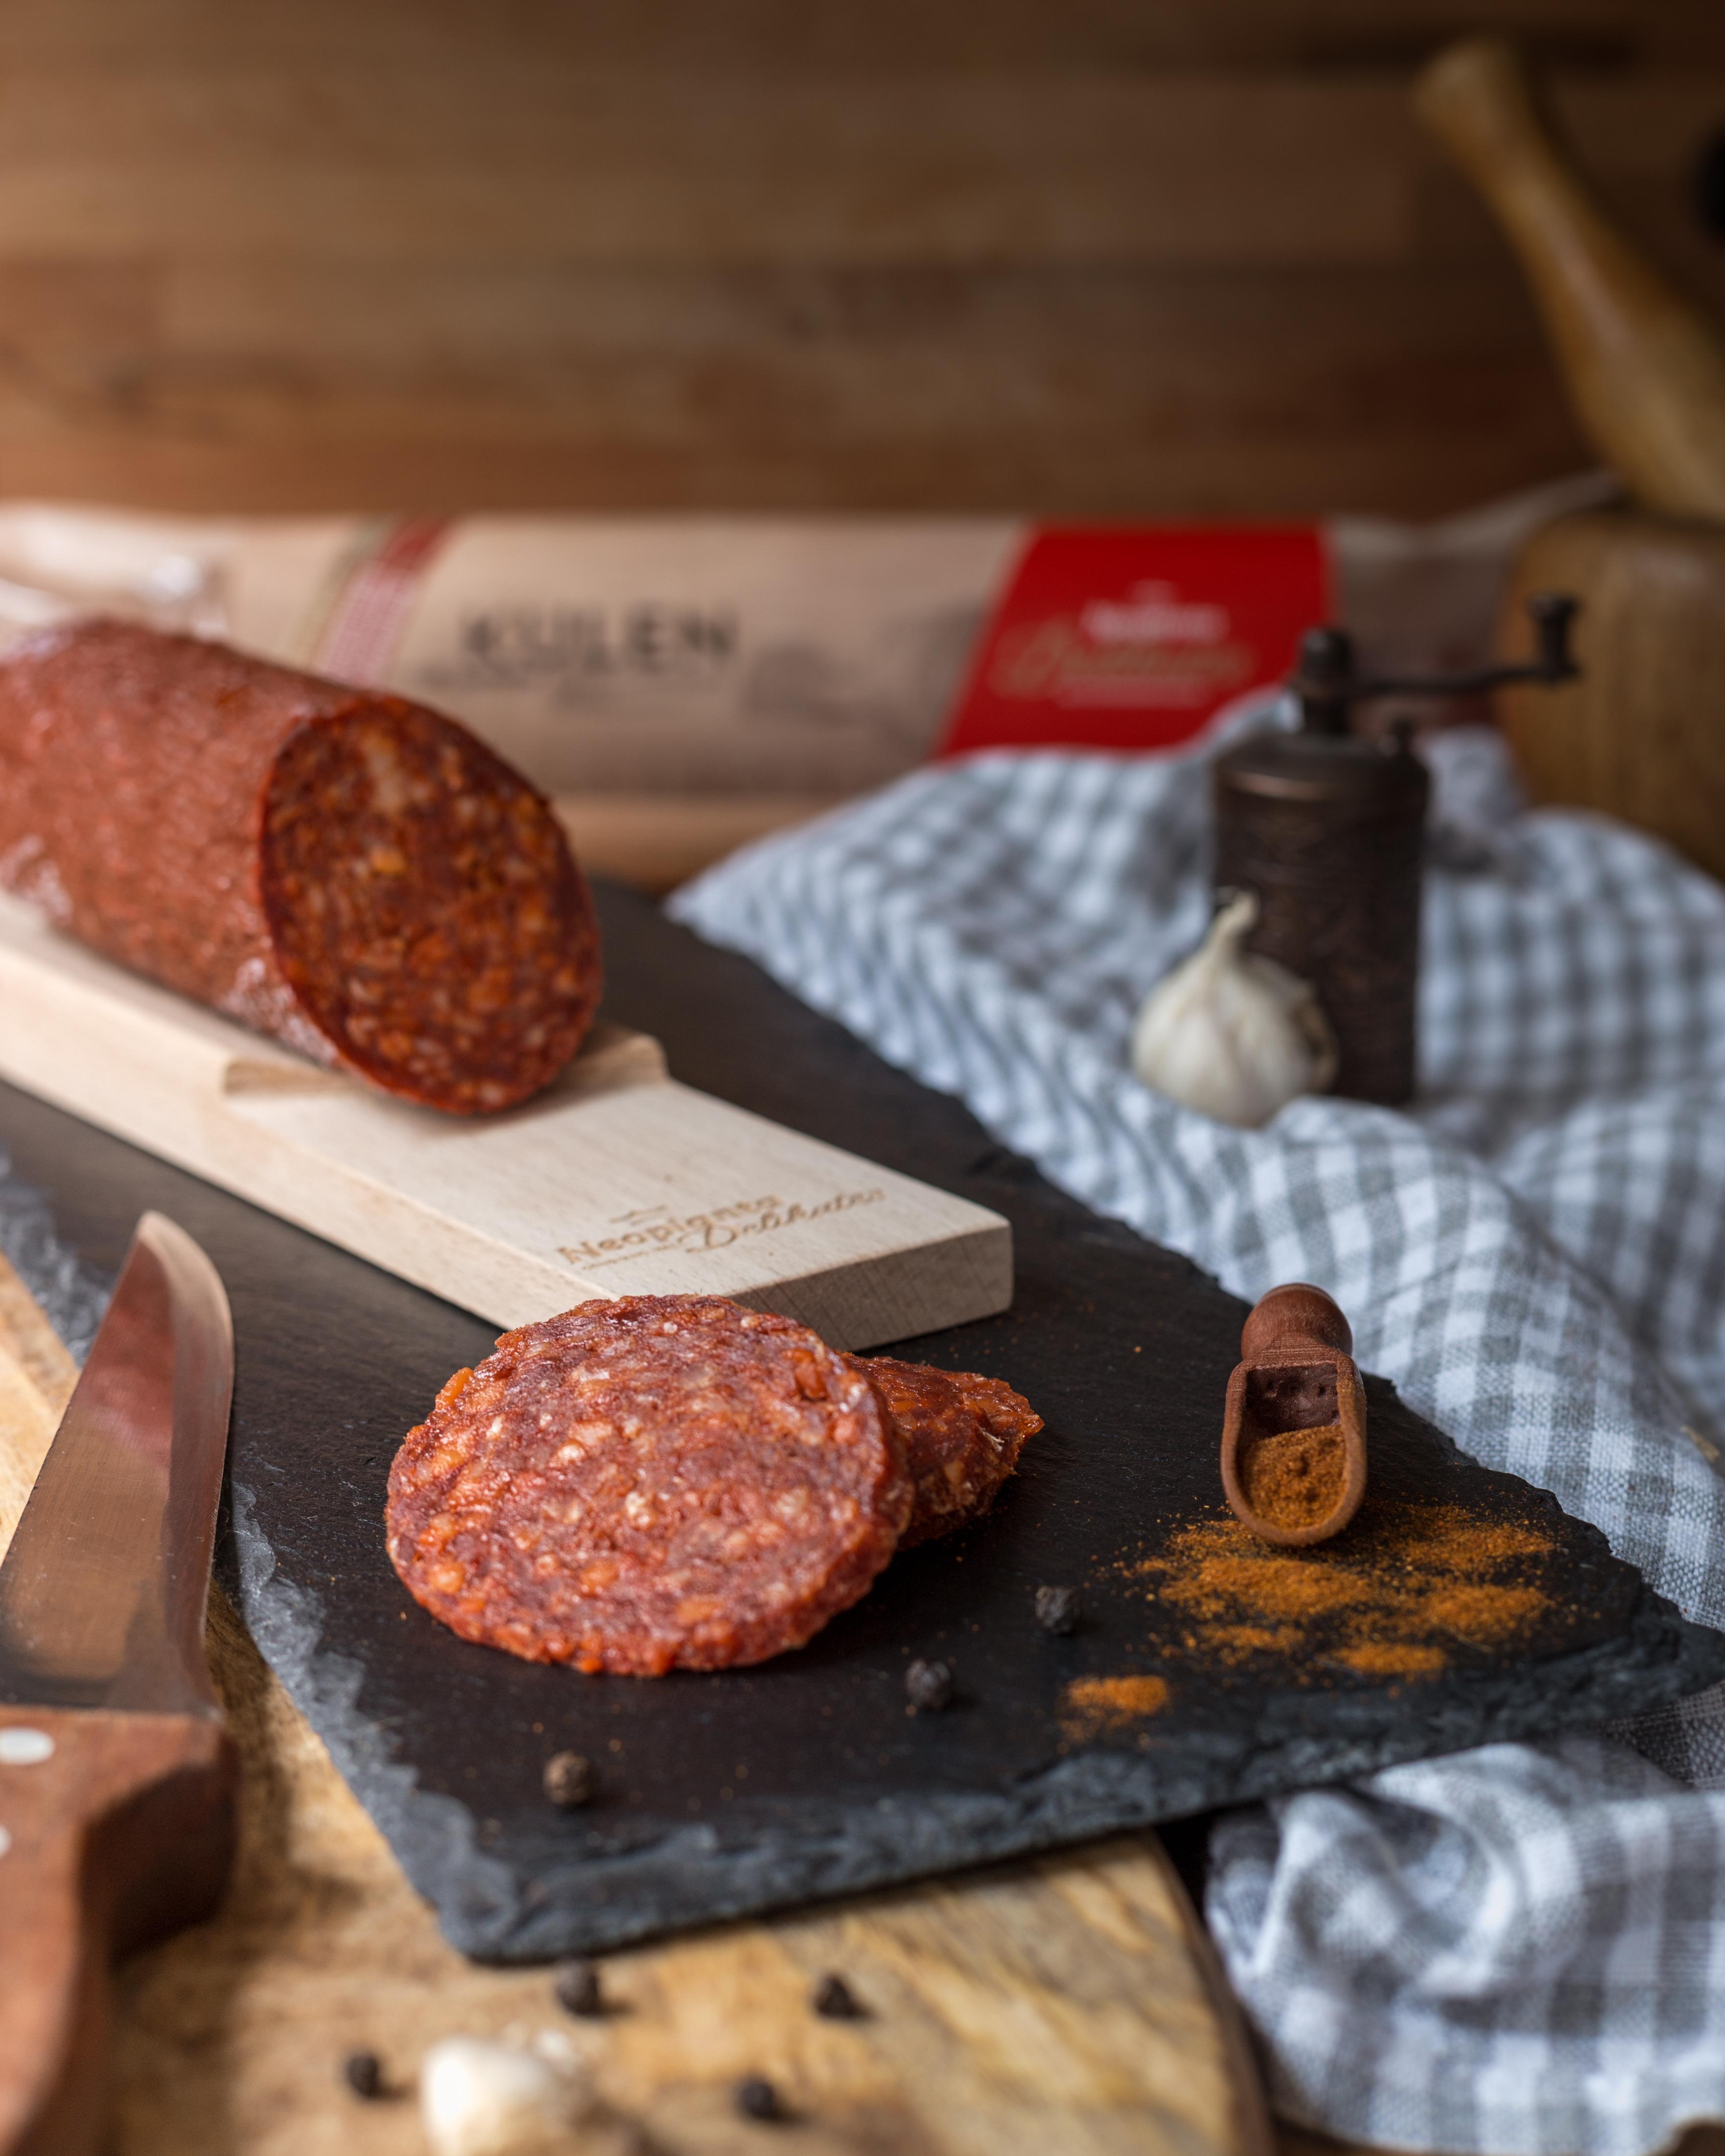 Savršen spoj kulinarskih uticaja u Vojvodini daje savršene ukuse